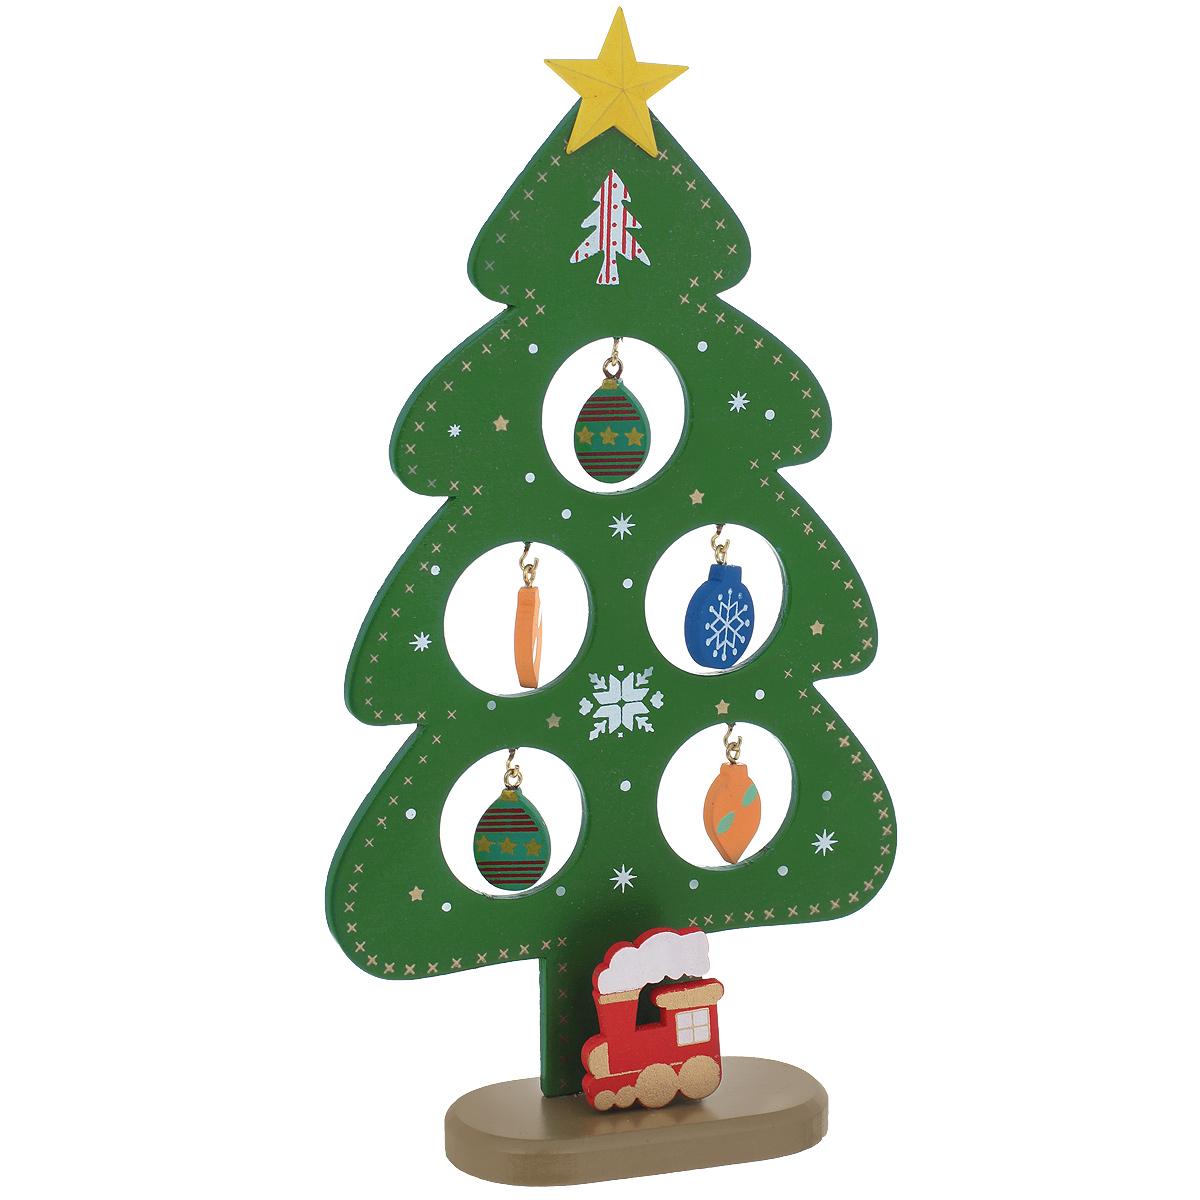 Новогоднее деревянное украшение Елочка, цвет: зеленый. 3525335253Оригинальное деревянное украшение Елочка гармонично впишется в праздничный интерьер вашего дома или офиса. Украшение выполнено из древесины тополя в виде зеленой елочки, которая устанавливается на подставку. На елке имеются металлические крючки для деревянных игрушек. Сверху елочку украшает желтая звезда. Новогодние украшения всегда несут в себе волшебство и красоту праздника. Создайте в своем доме атмосферу тепла, веселья и радости, украшая его всей семьей.